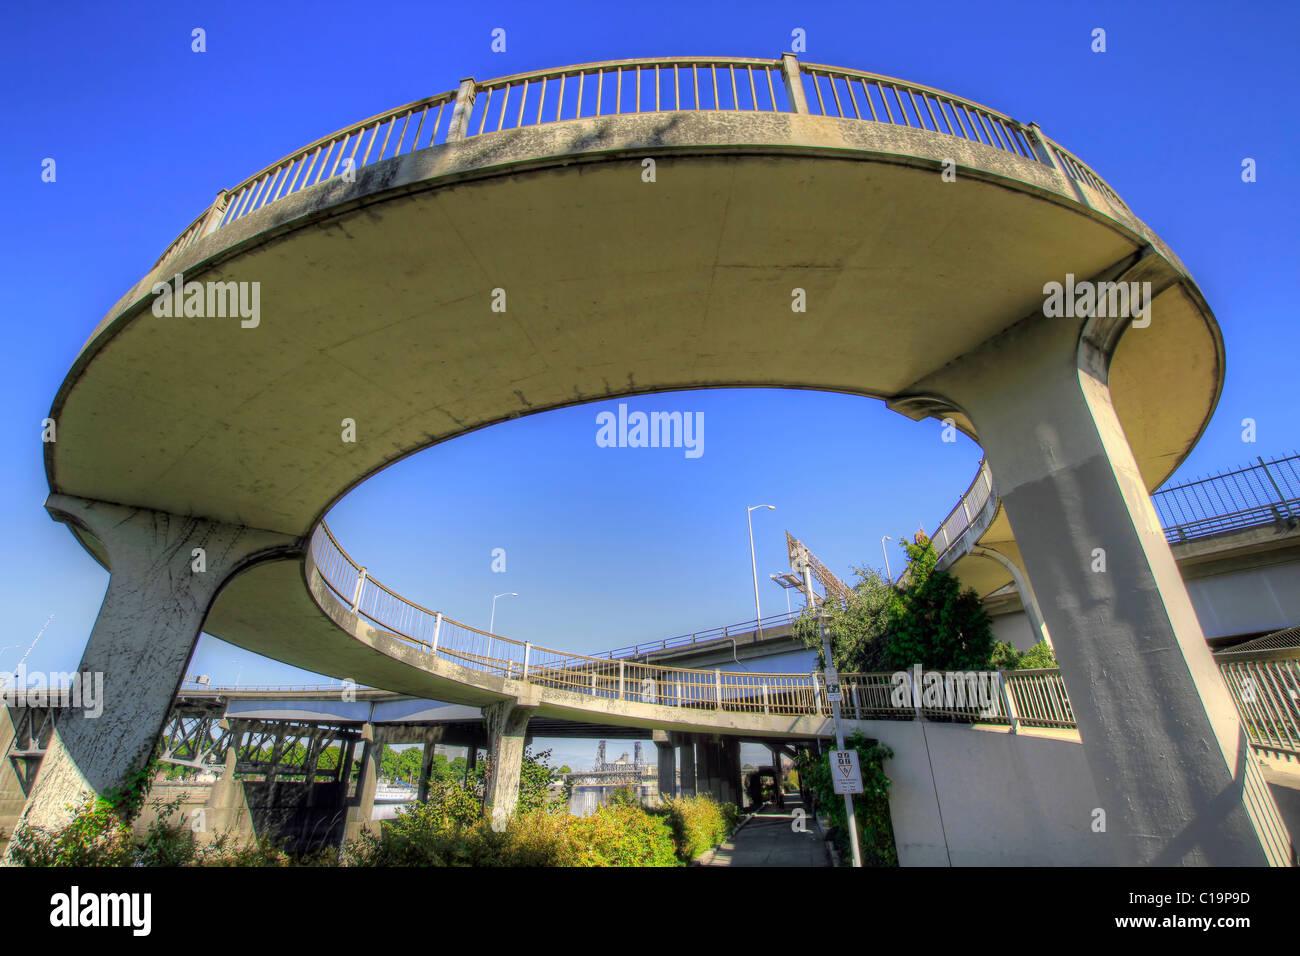 Spiral Walkway To Eastbank Esplanade From Morrison Bridge